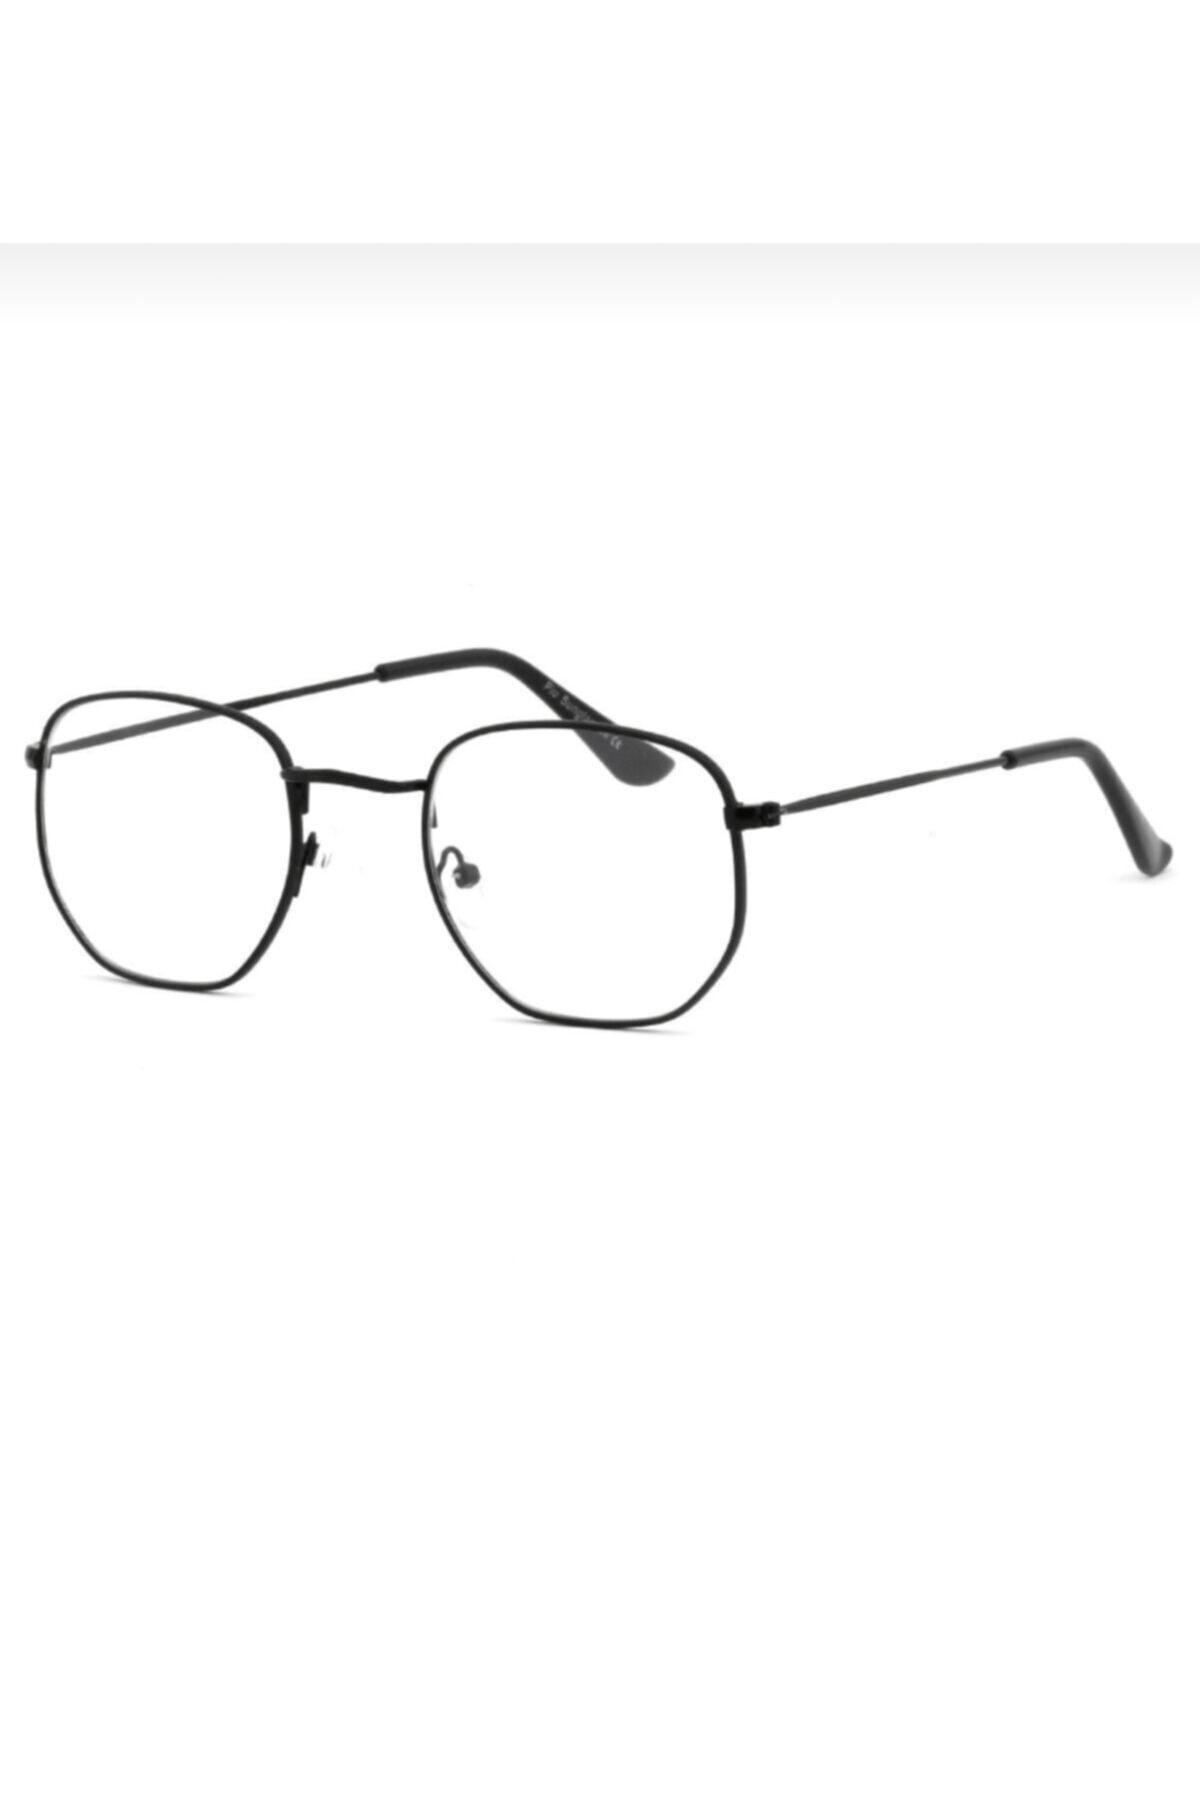 خرید نقدی عینک آفتابی زنانه فروشگاه اینترنتی برند UBK Eyewear رنگ مشکی کد ty98121312